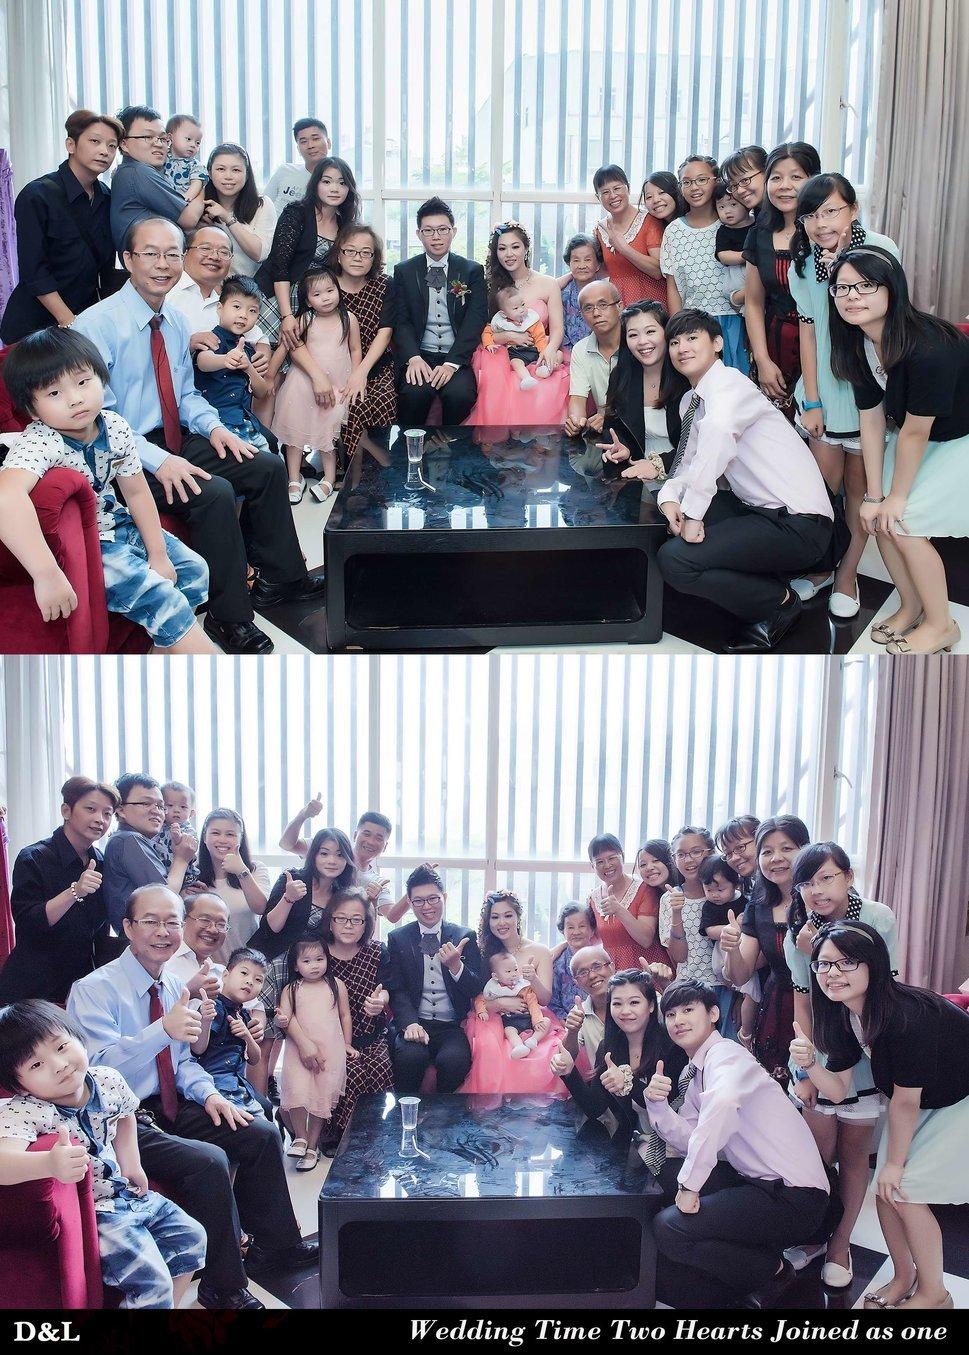 婚禮紀錄 顥天&美彣(編號:253217) - D&L 婚禮事務-婚禮攝影/婚紗寫真 - 結婚吧一站式婚禮服務平台